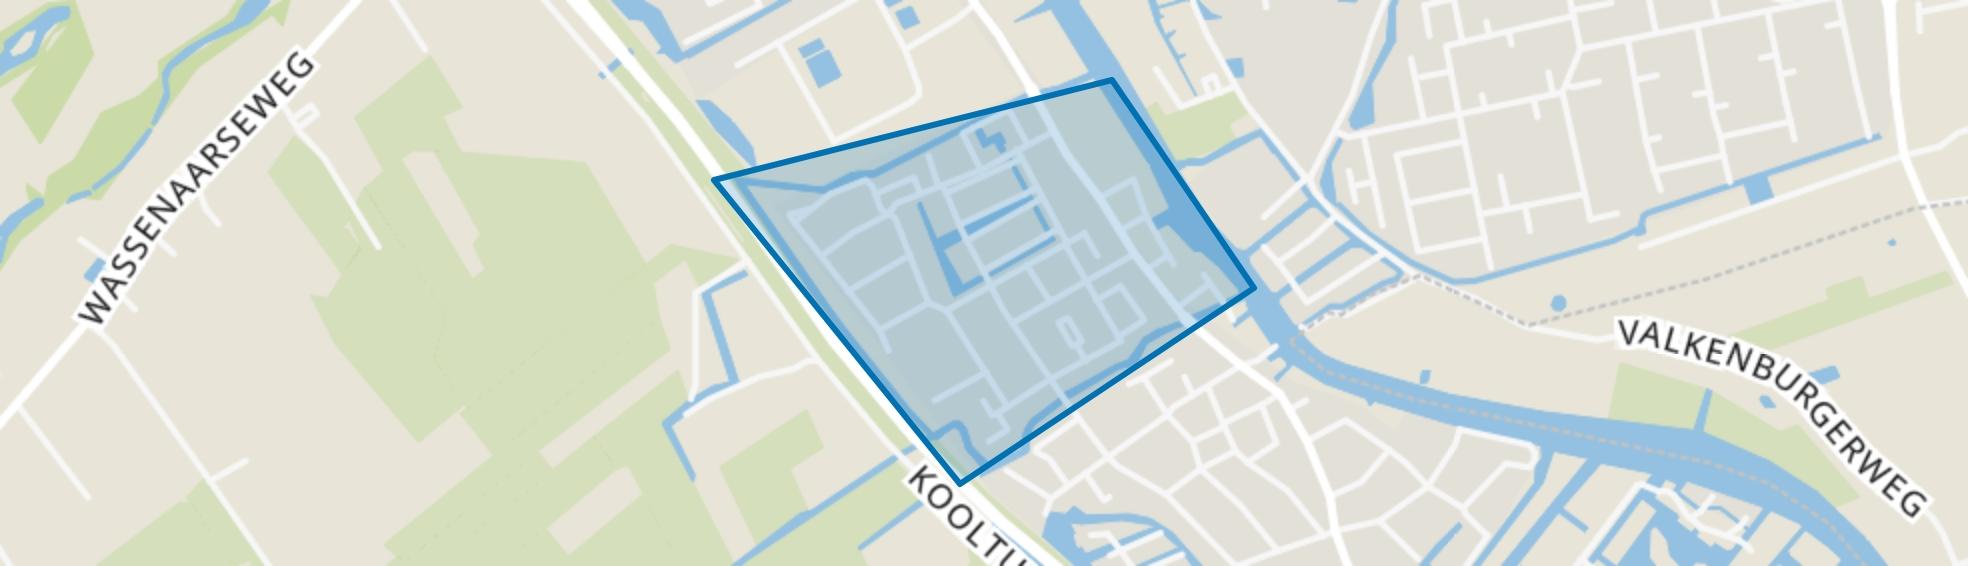 't Joght, Valkenburg (ZH) map